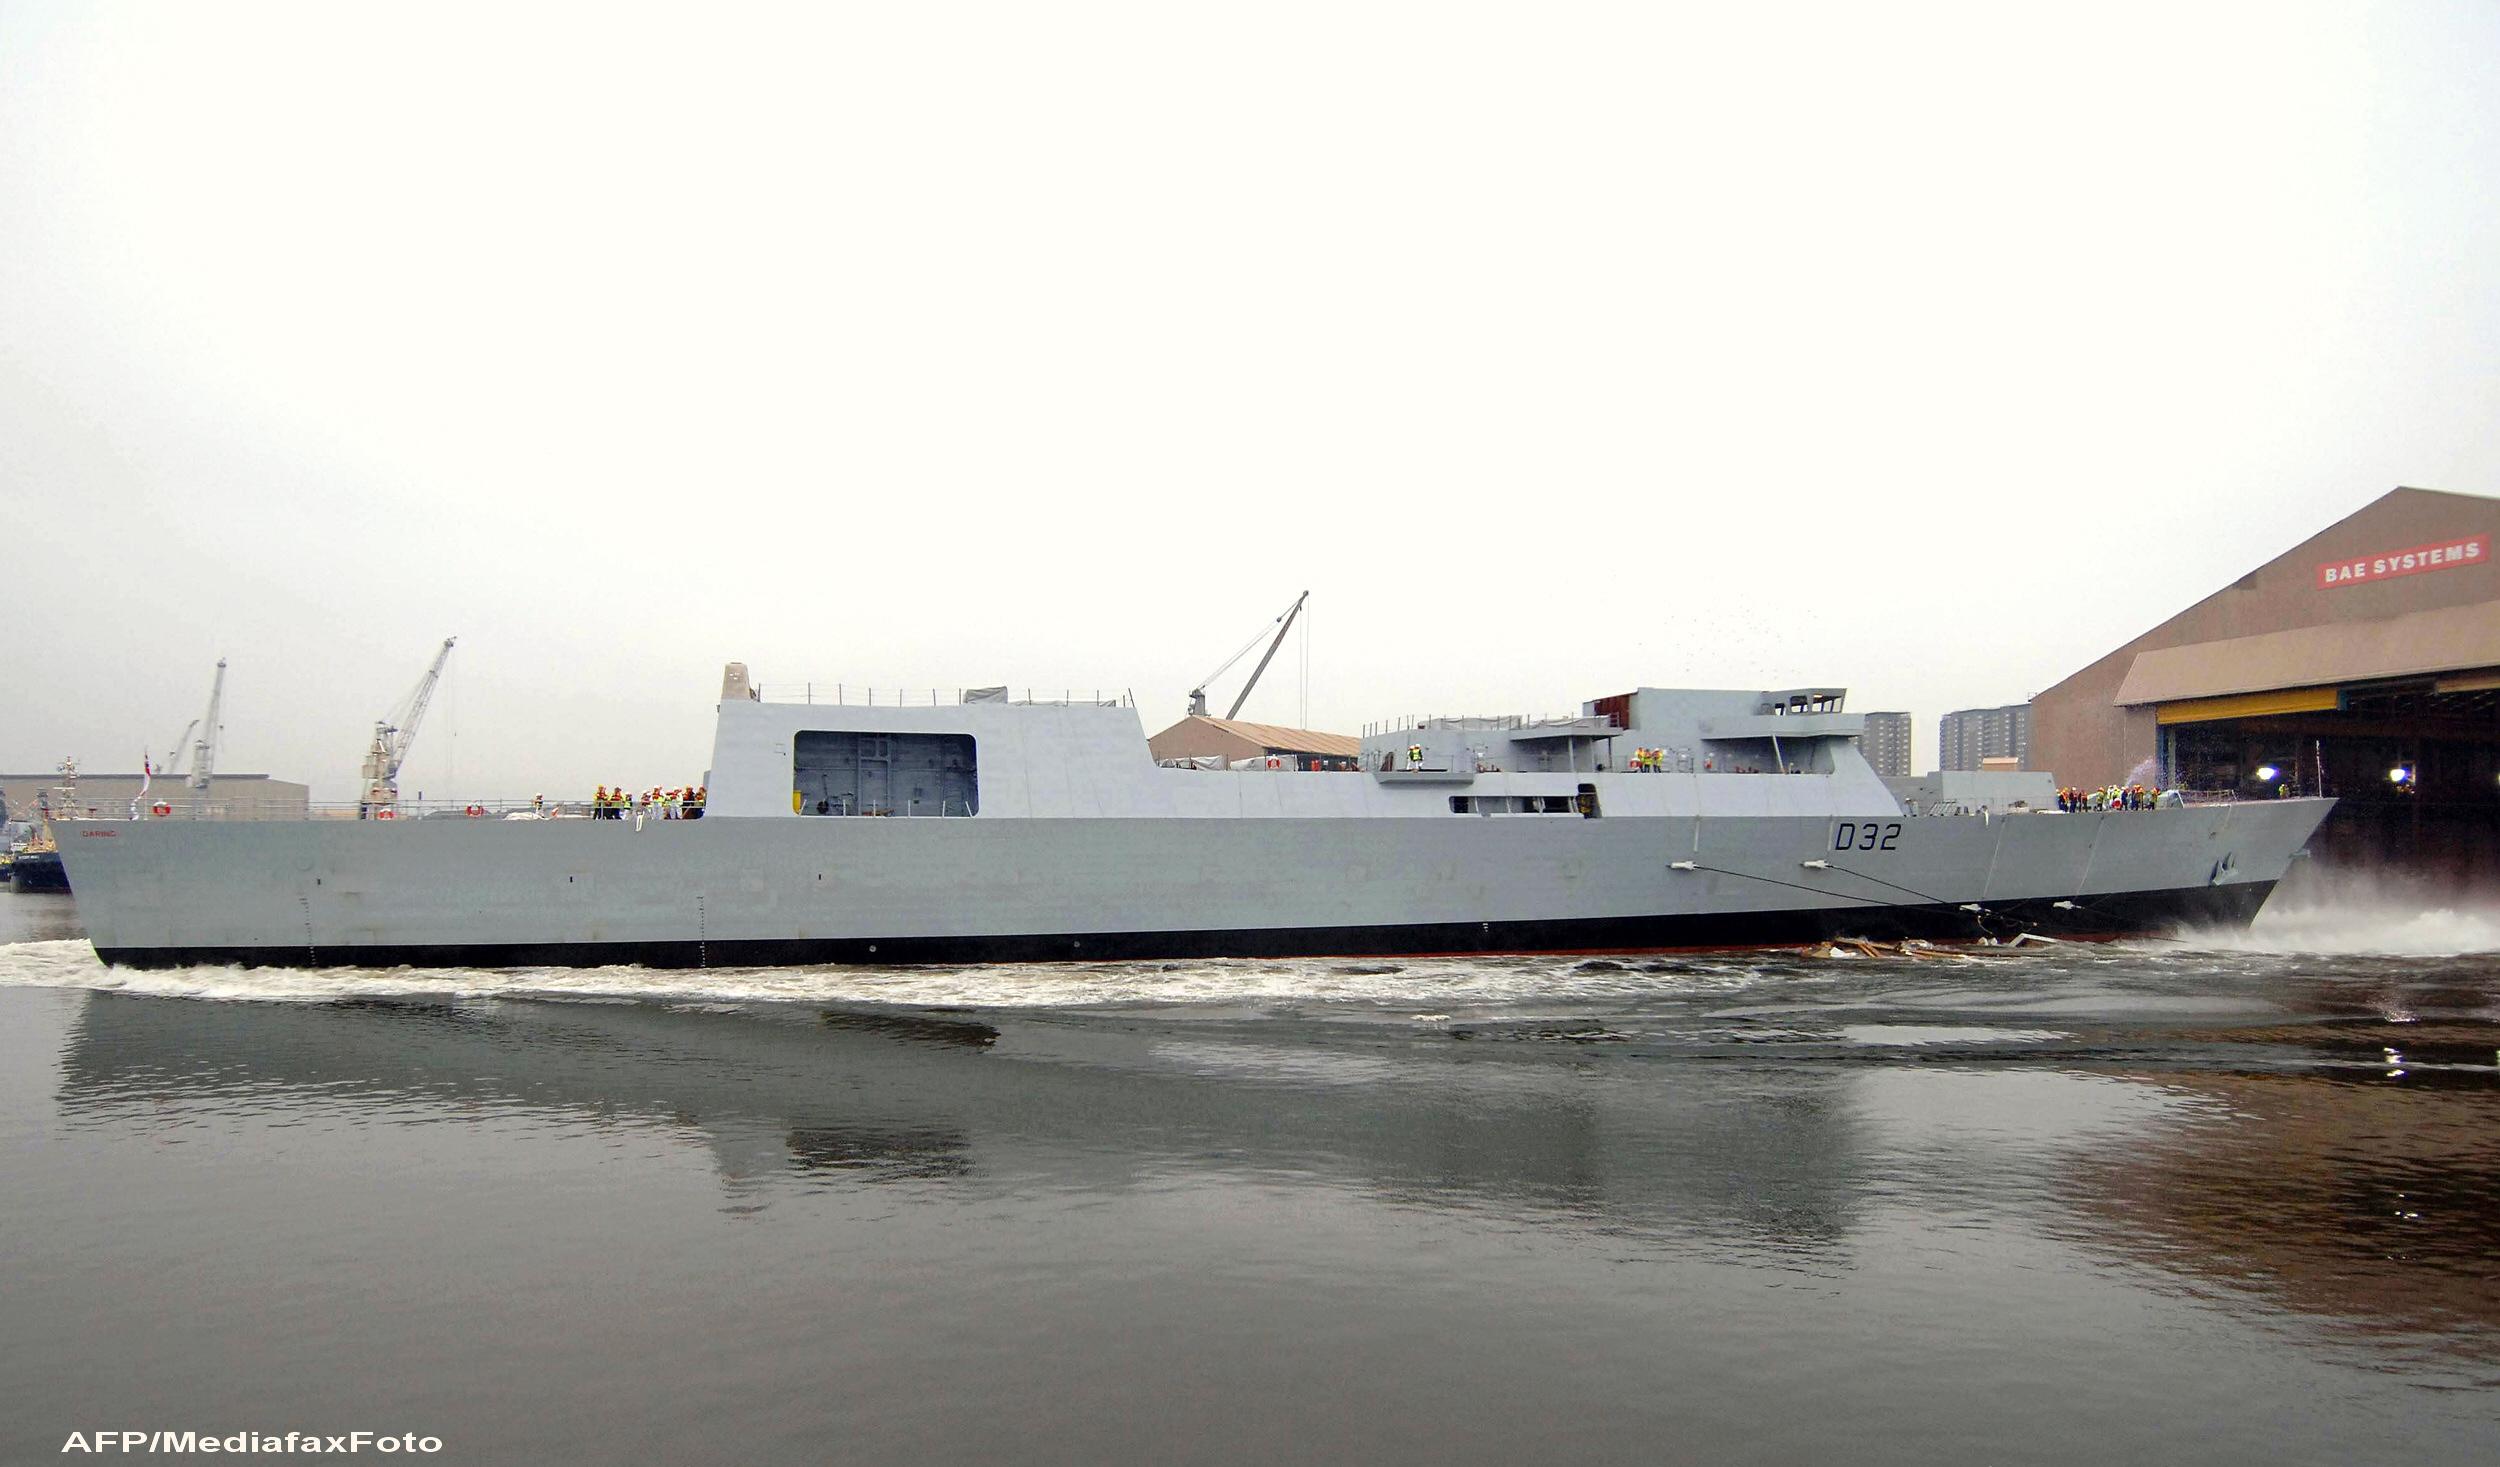 Marina Regala Britanica trimite in Golful Persic cea mai PUTERNICA nava, gata sa lupte cu Iranul